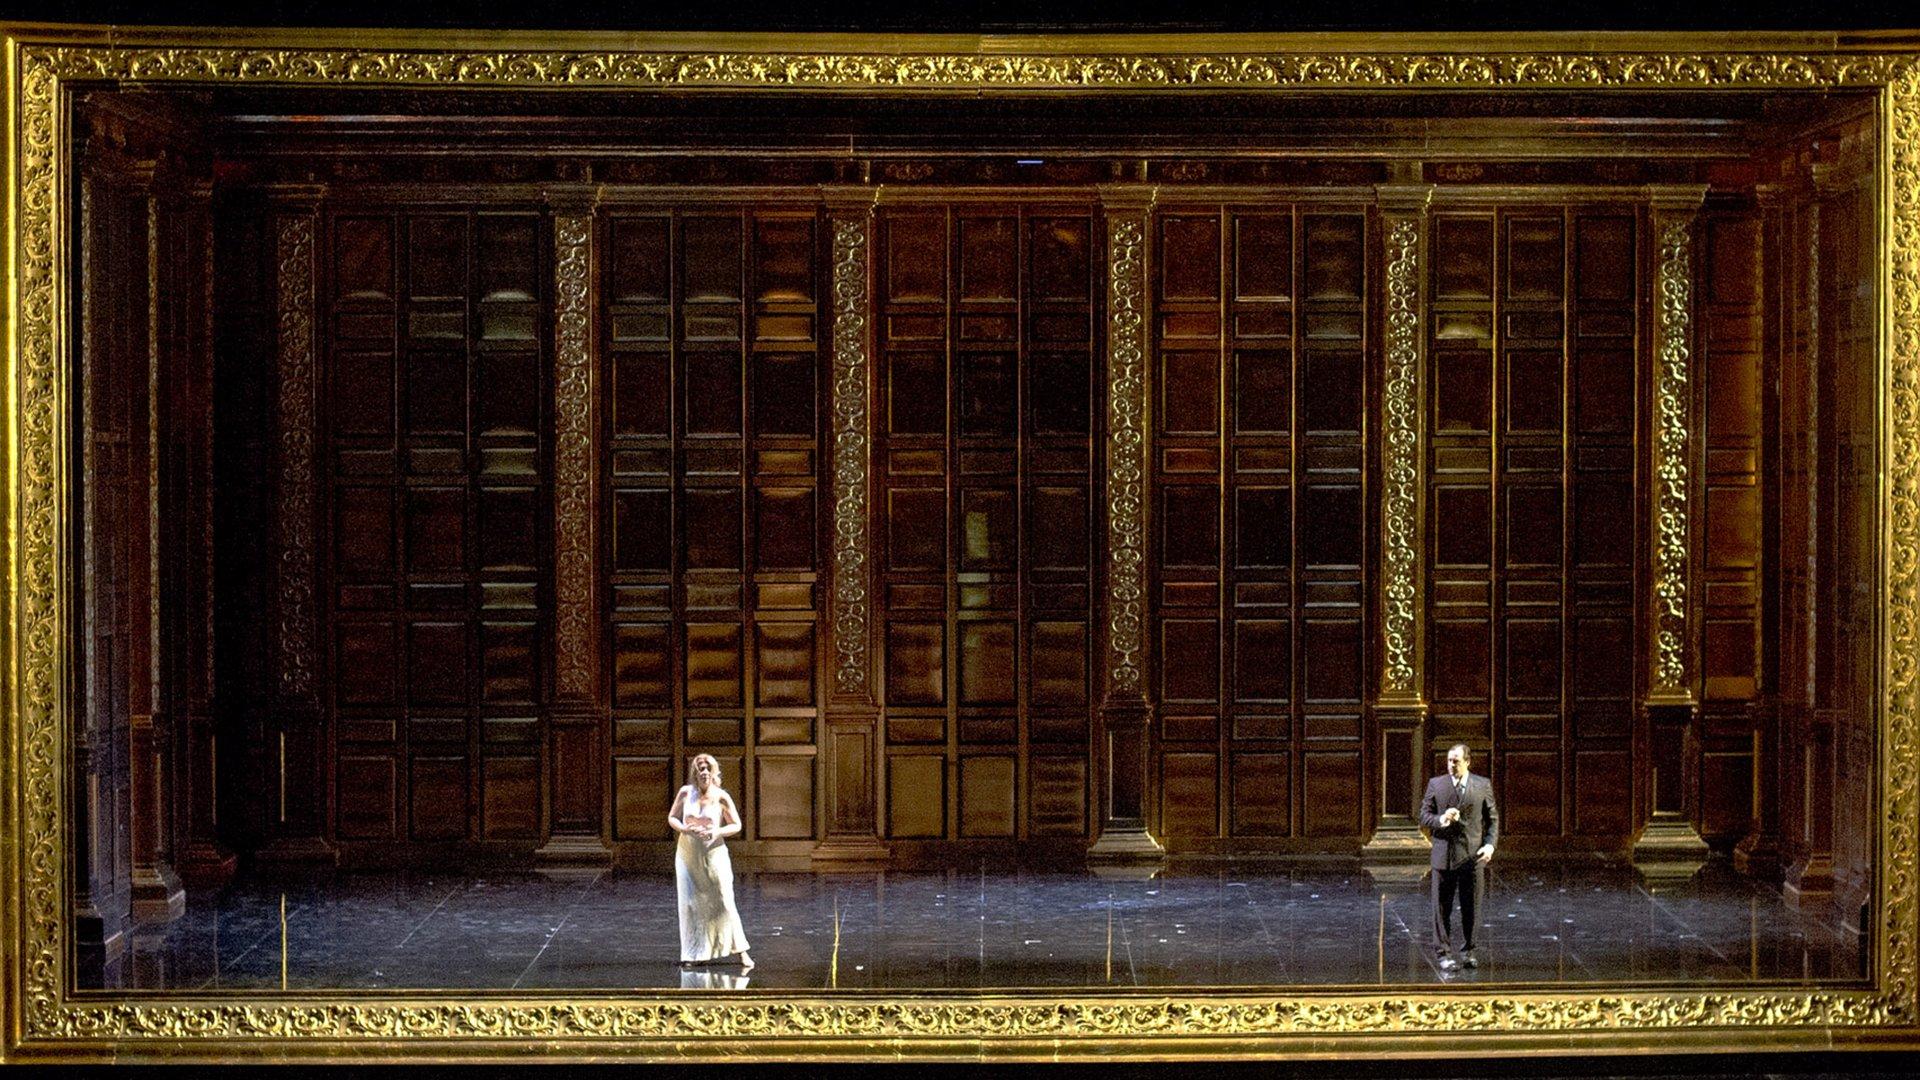 Don Giovanni -la ópera compuesta porWolfgang Amadeus Mozart- se presentó con dirección musical deMarc Piollet, dirección escénica deEmilio Sagiy protagonizada por el bajo-barítono uruguayo, Erwin Schrott